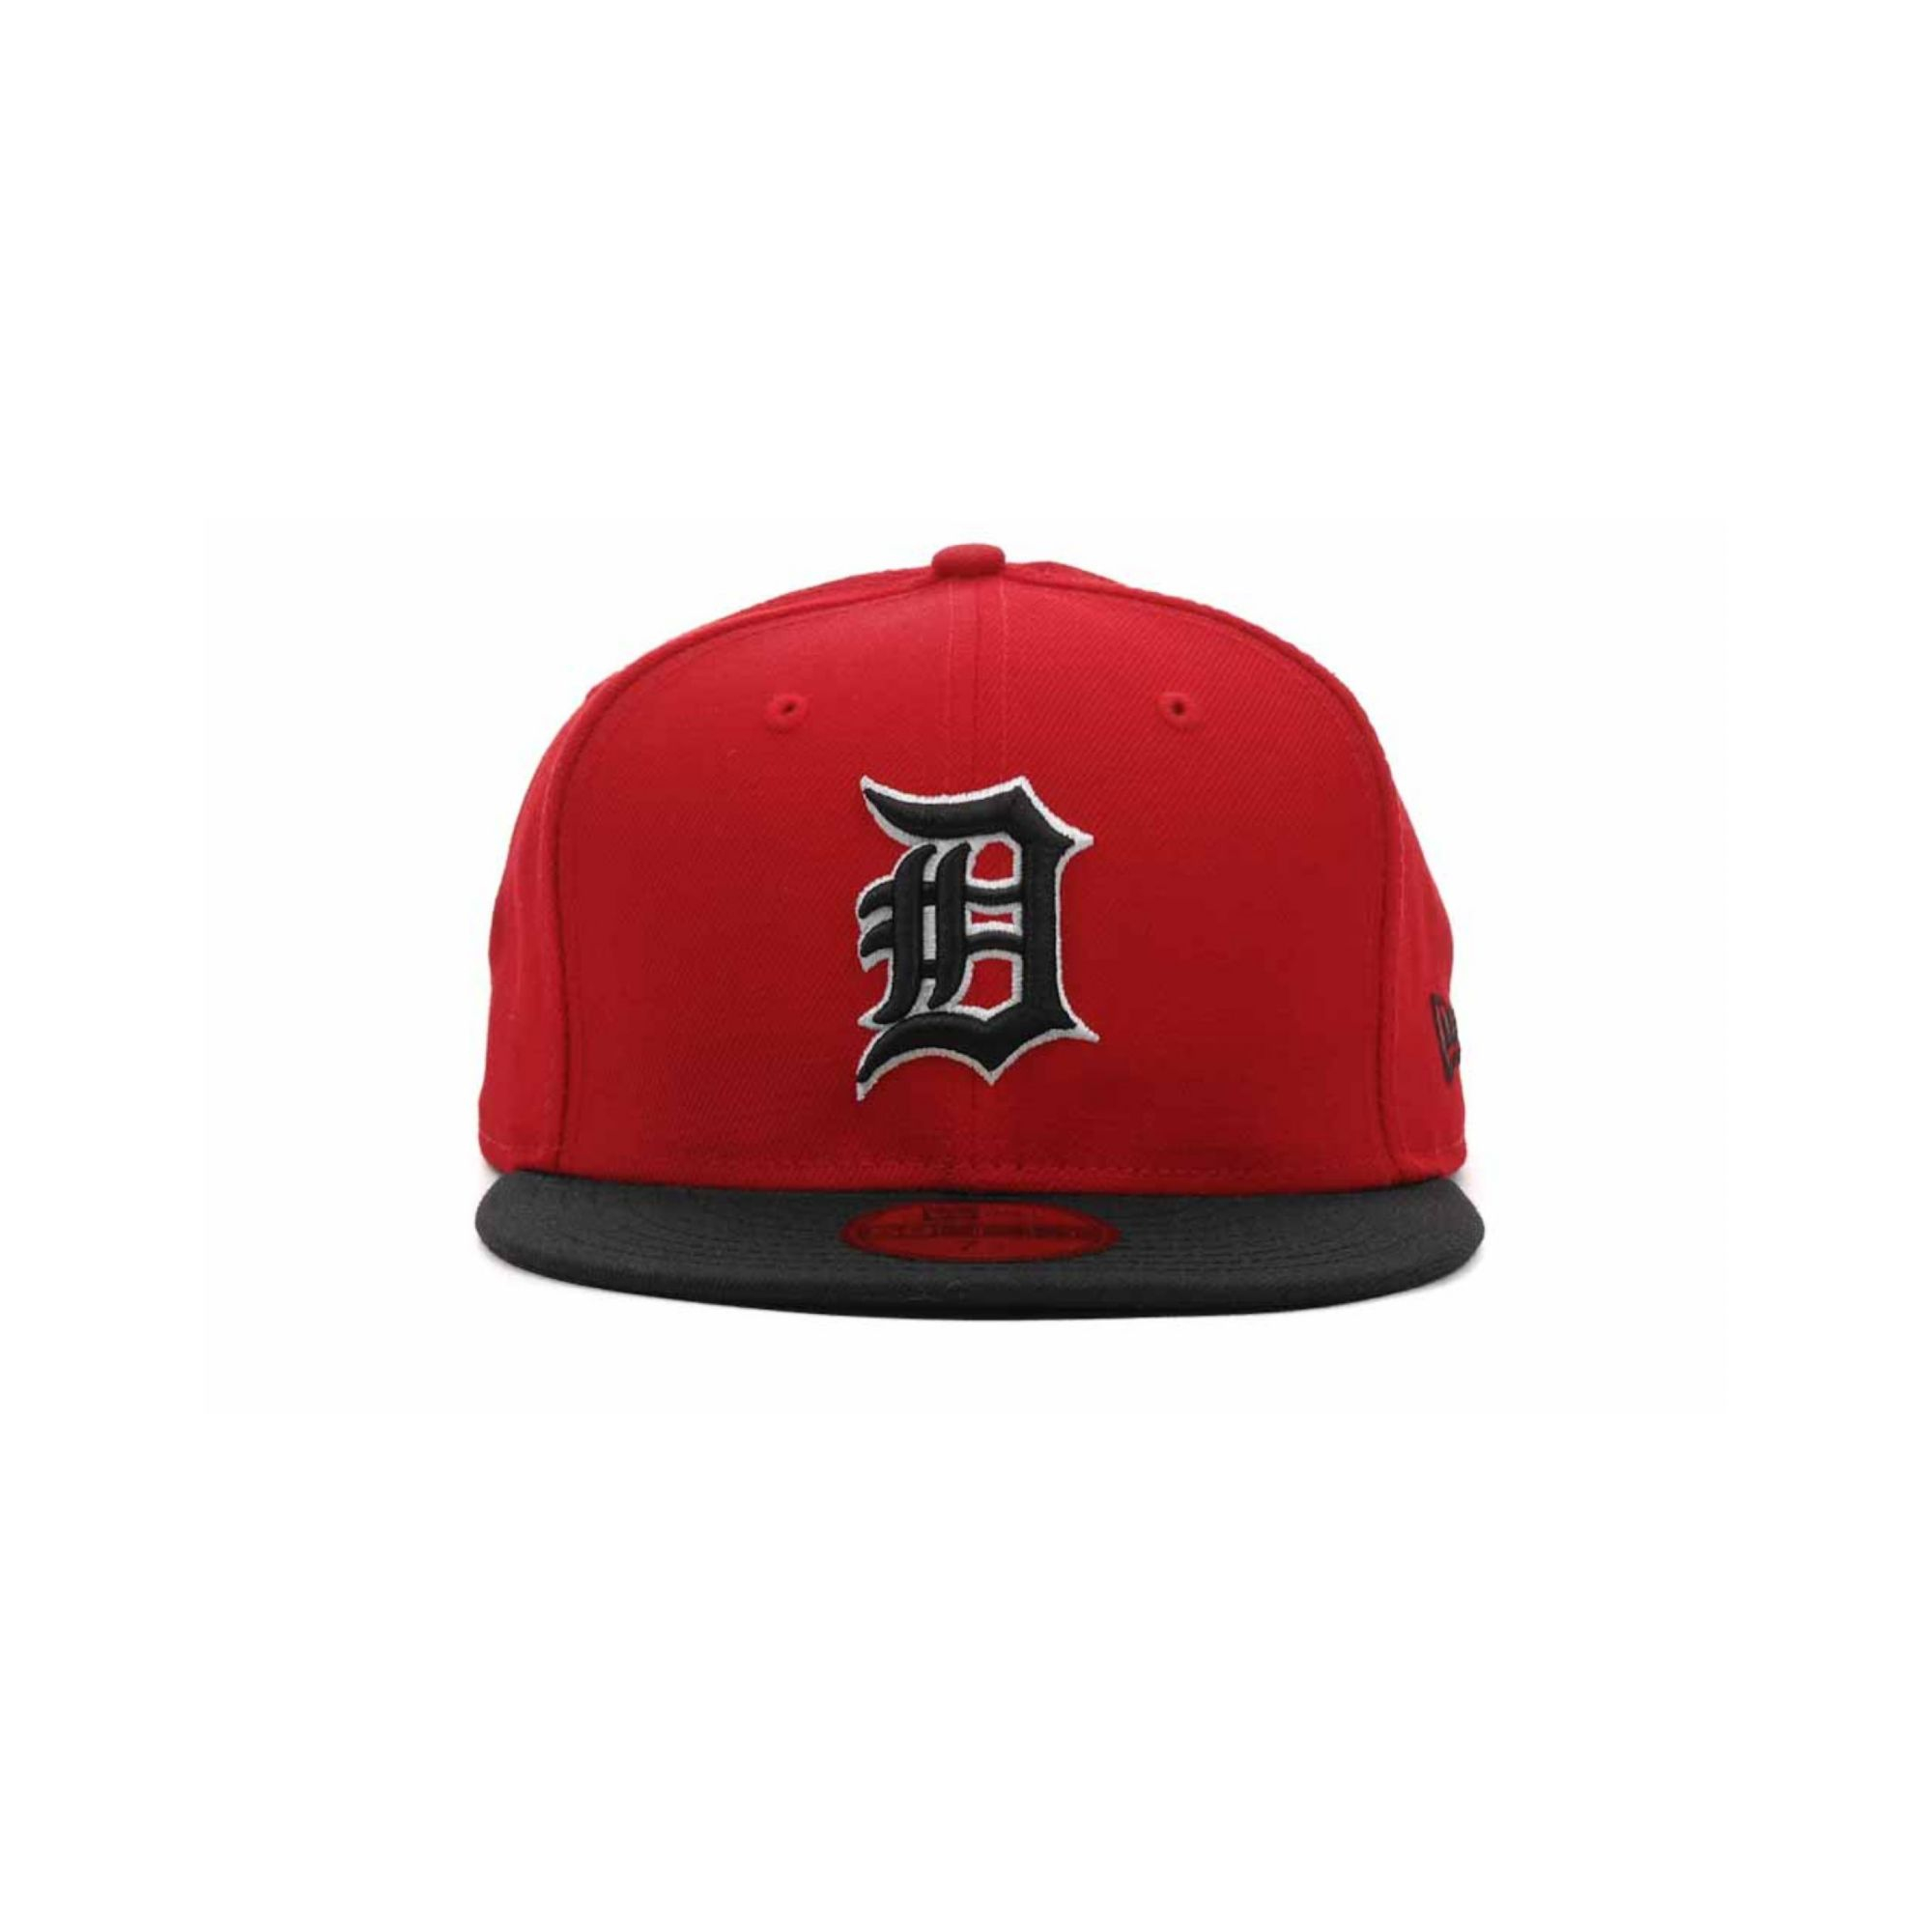 half off 76f2e 217fe ... caps adb76 cb99d sale lyst ktz detroit tigers 2tone 59fifty cap in red  for men 0c9d4 dad44 new ...